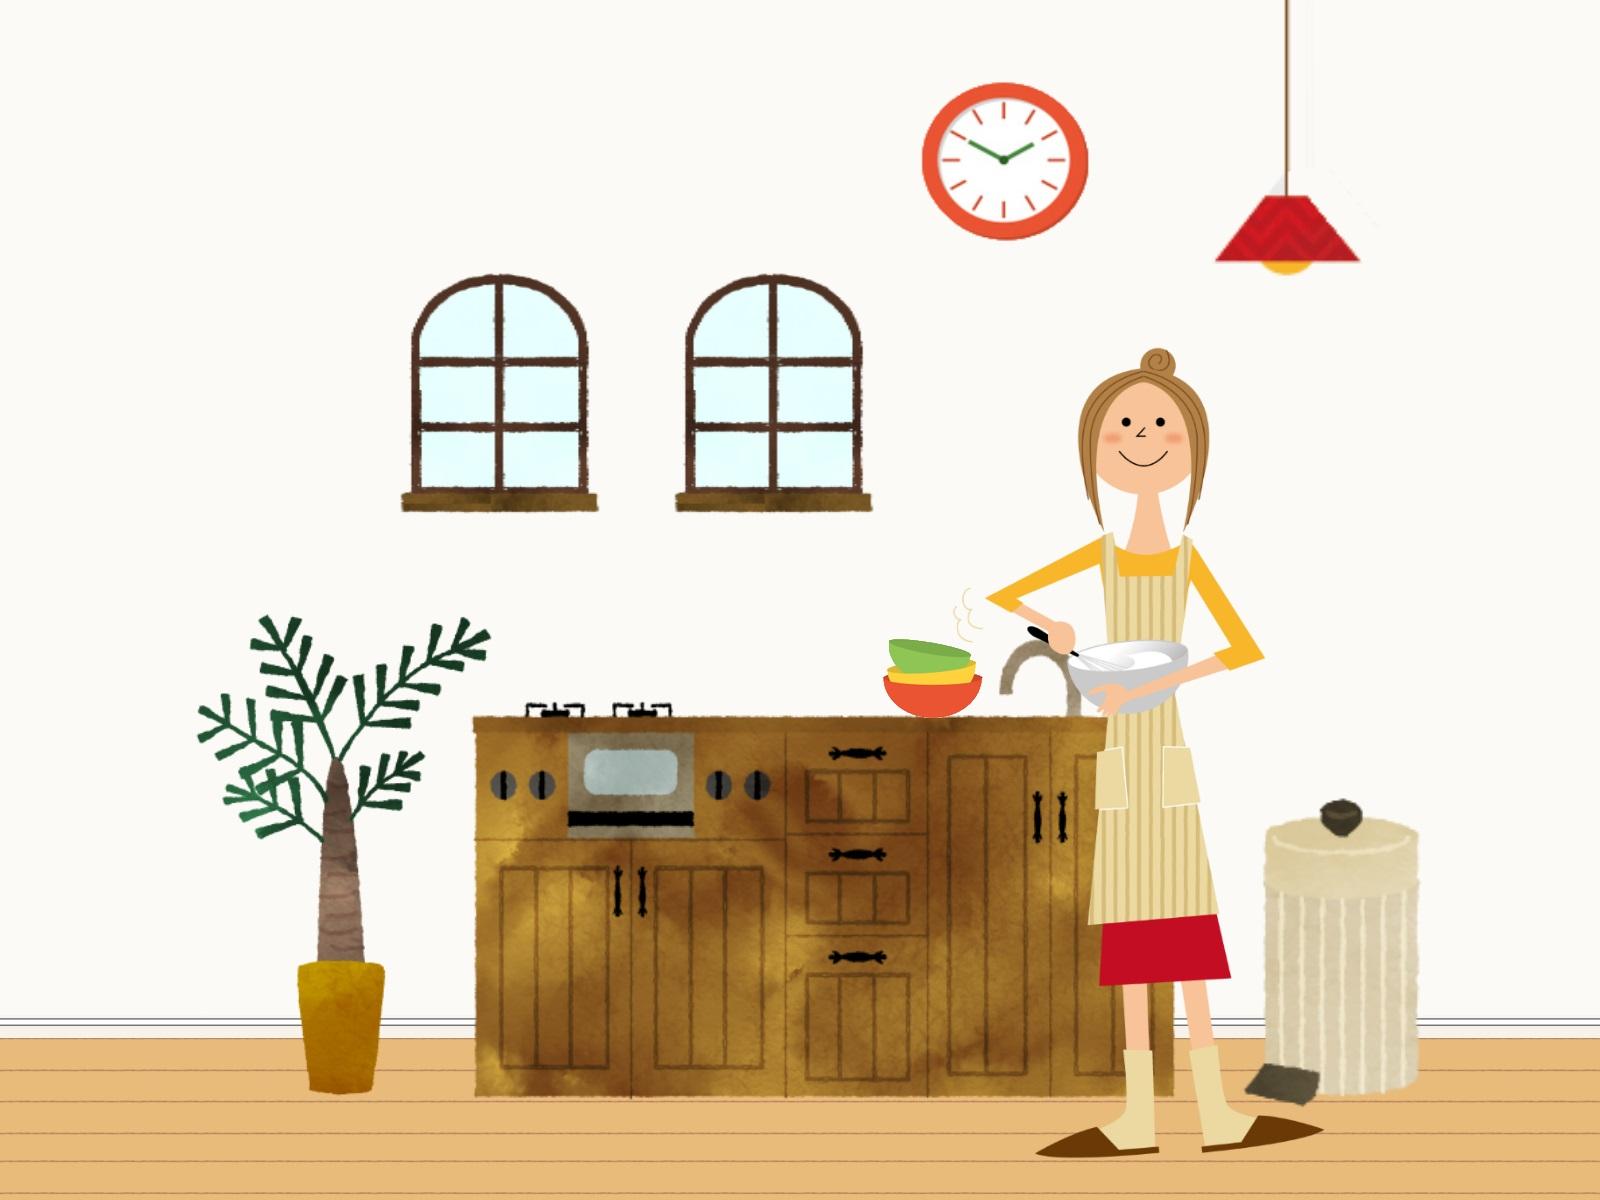 キッチンで料理をしている女性のイラスト